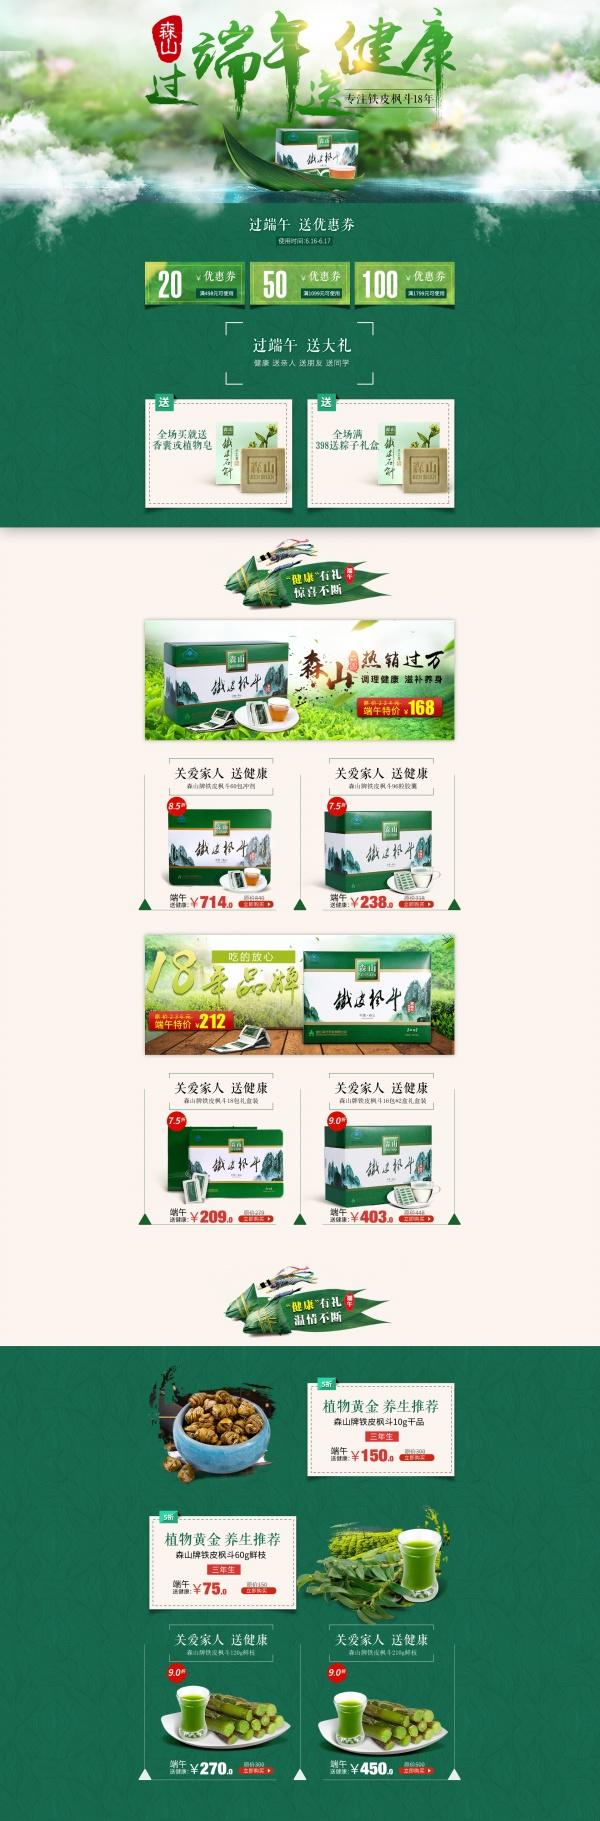 绿色端午节专题题网站PSD模板